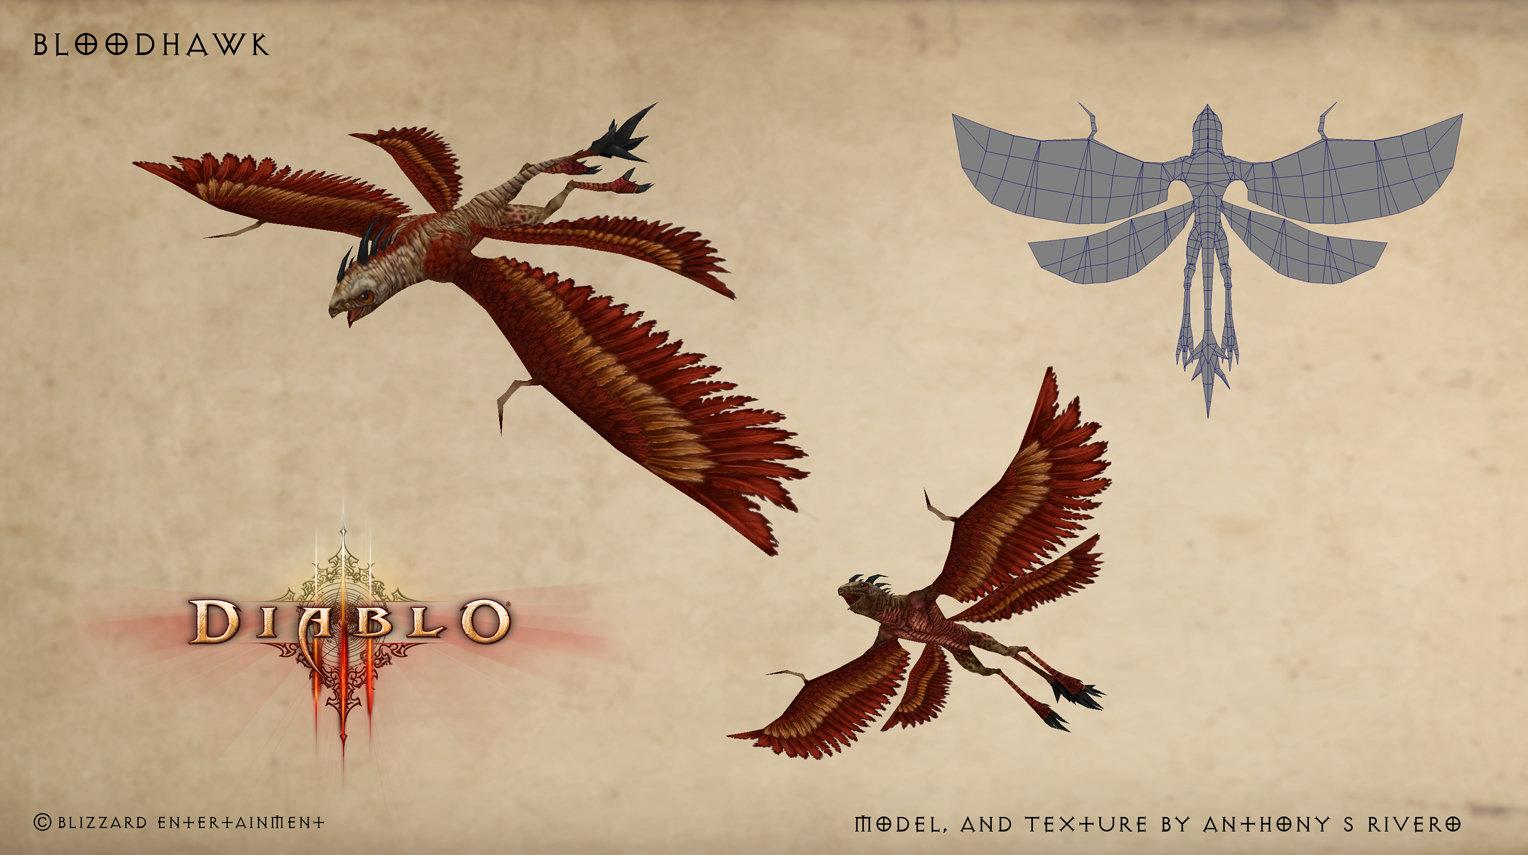 Diablo 3 Bloodhawk